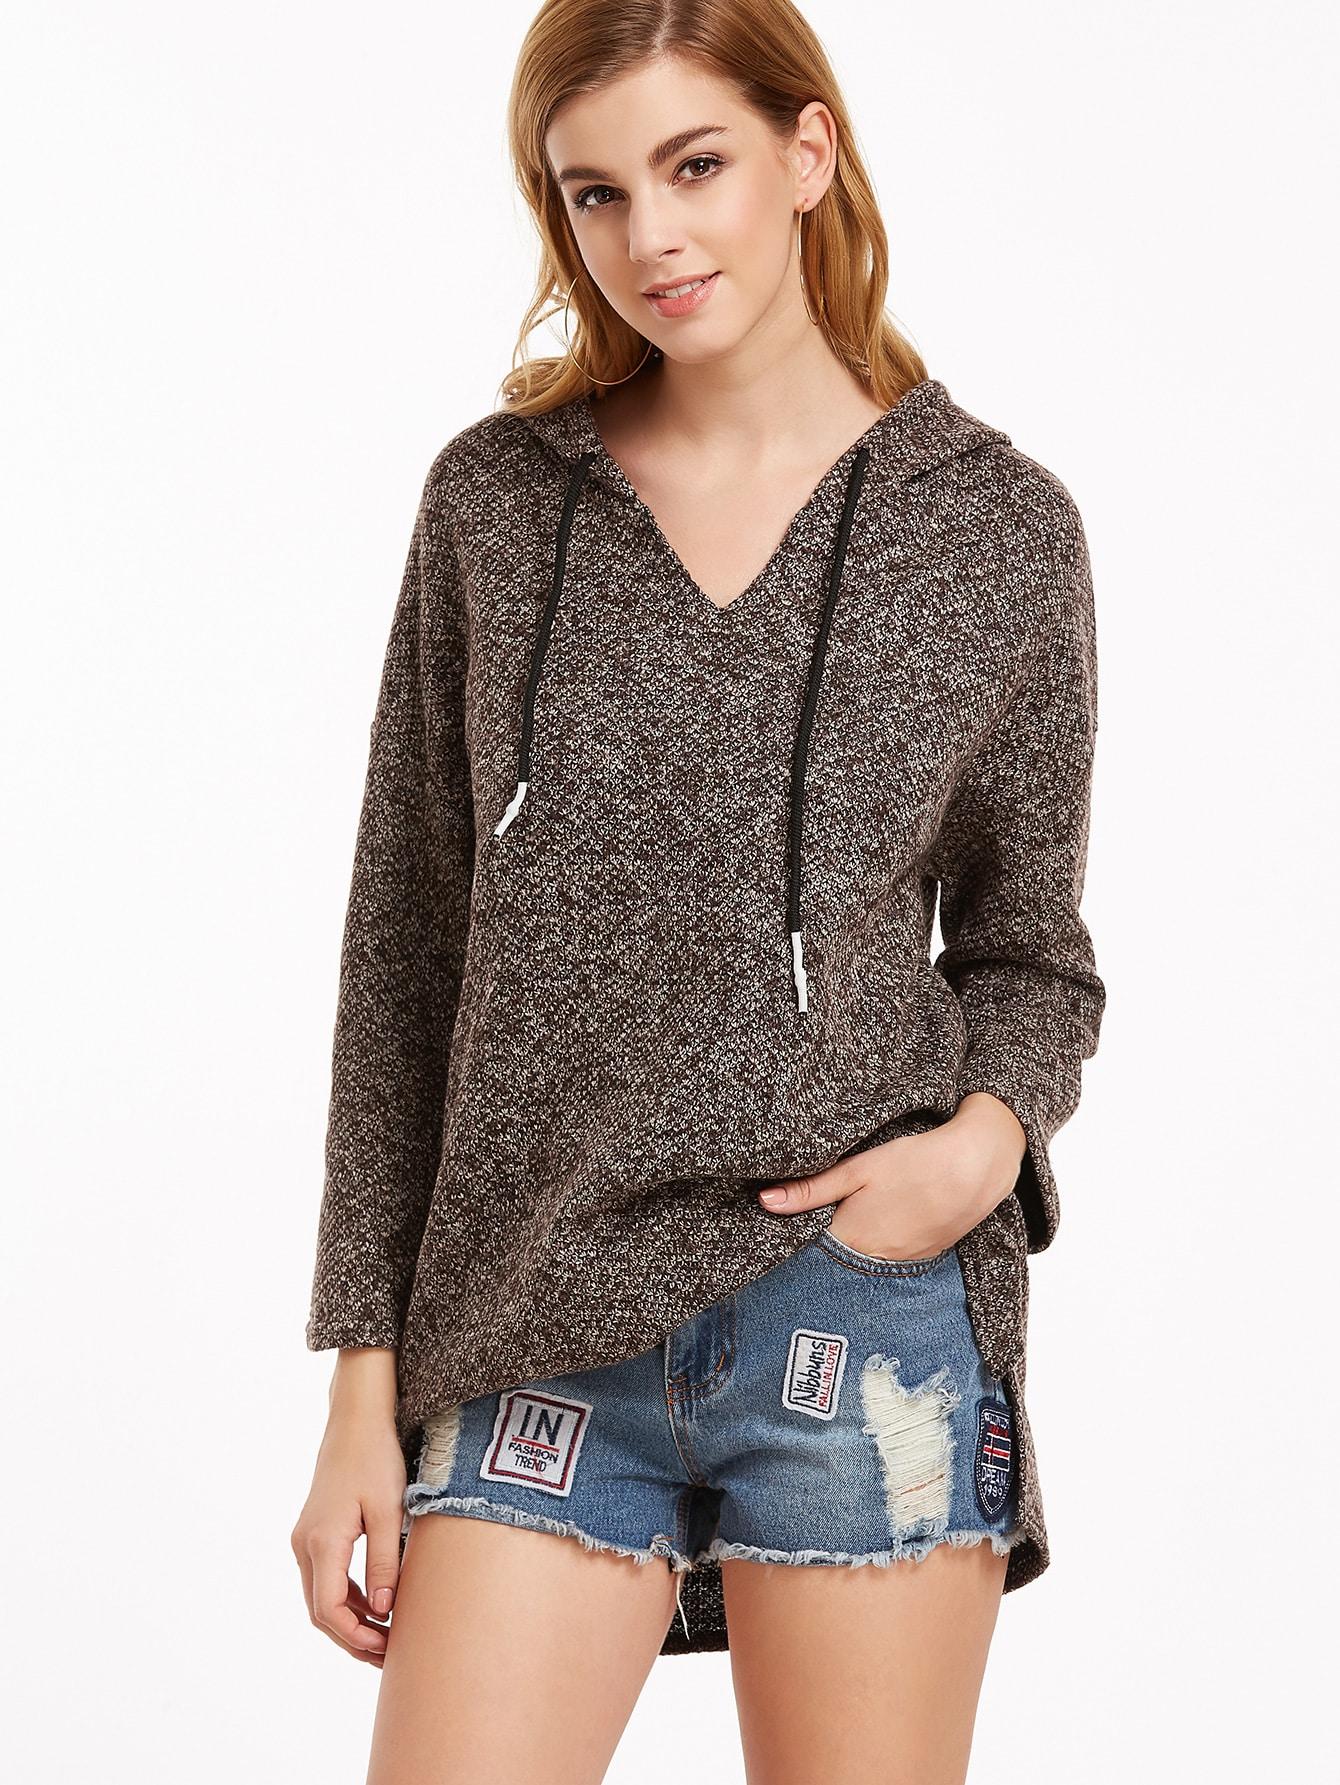 Khaki Hooded Drop Shoulder Slit Side High Low SweatshirtKhaki Hooded Drop Shoulder Slit Side High Low Sweatshirt<br><br>color: Khaki<br>size: one-size